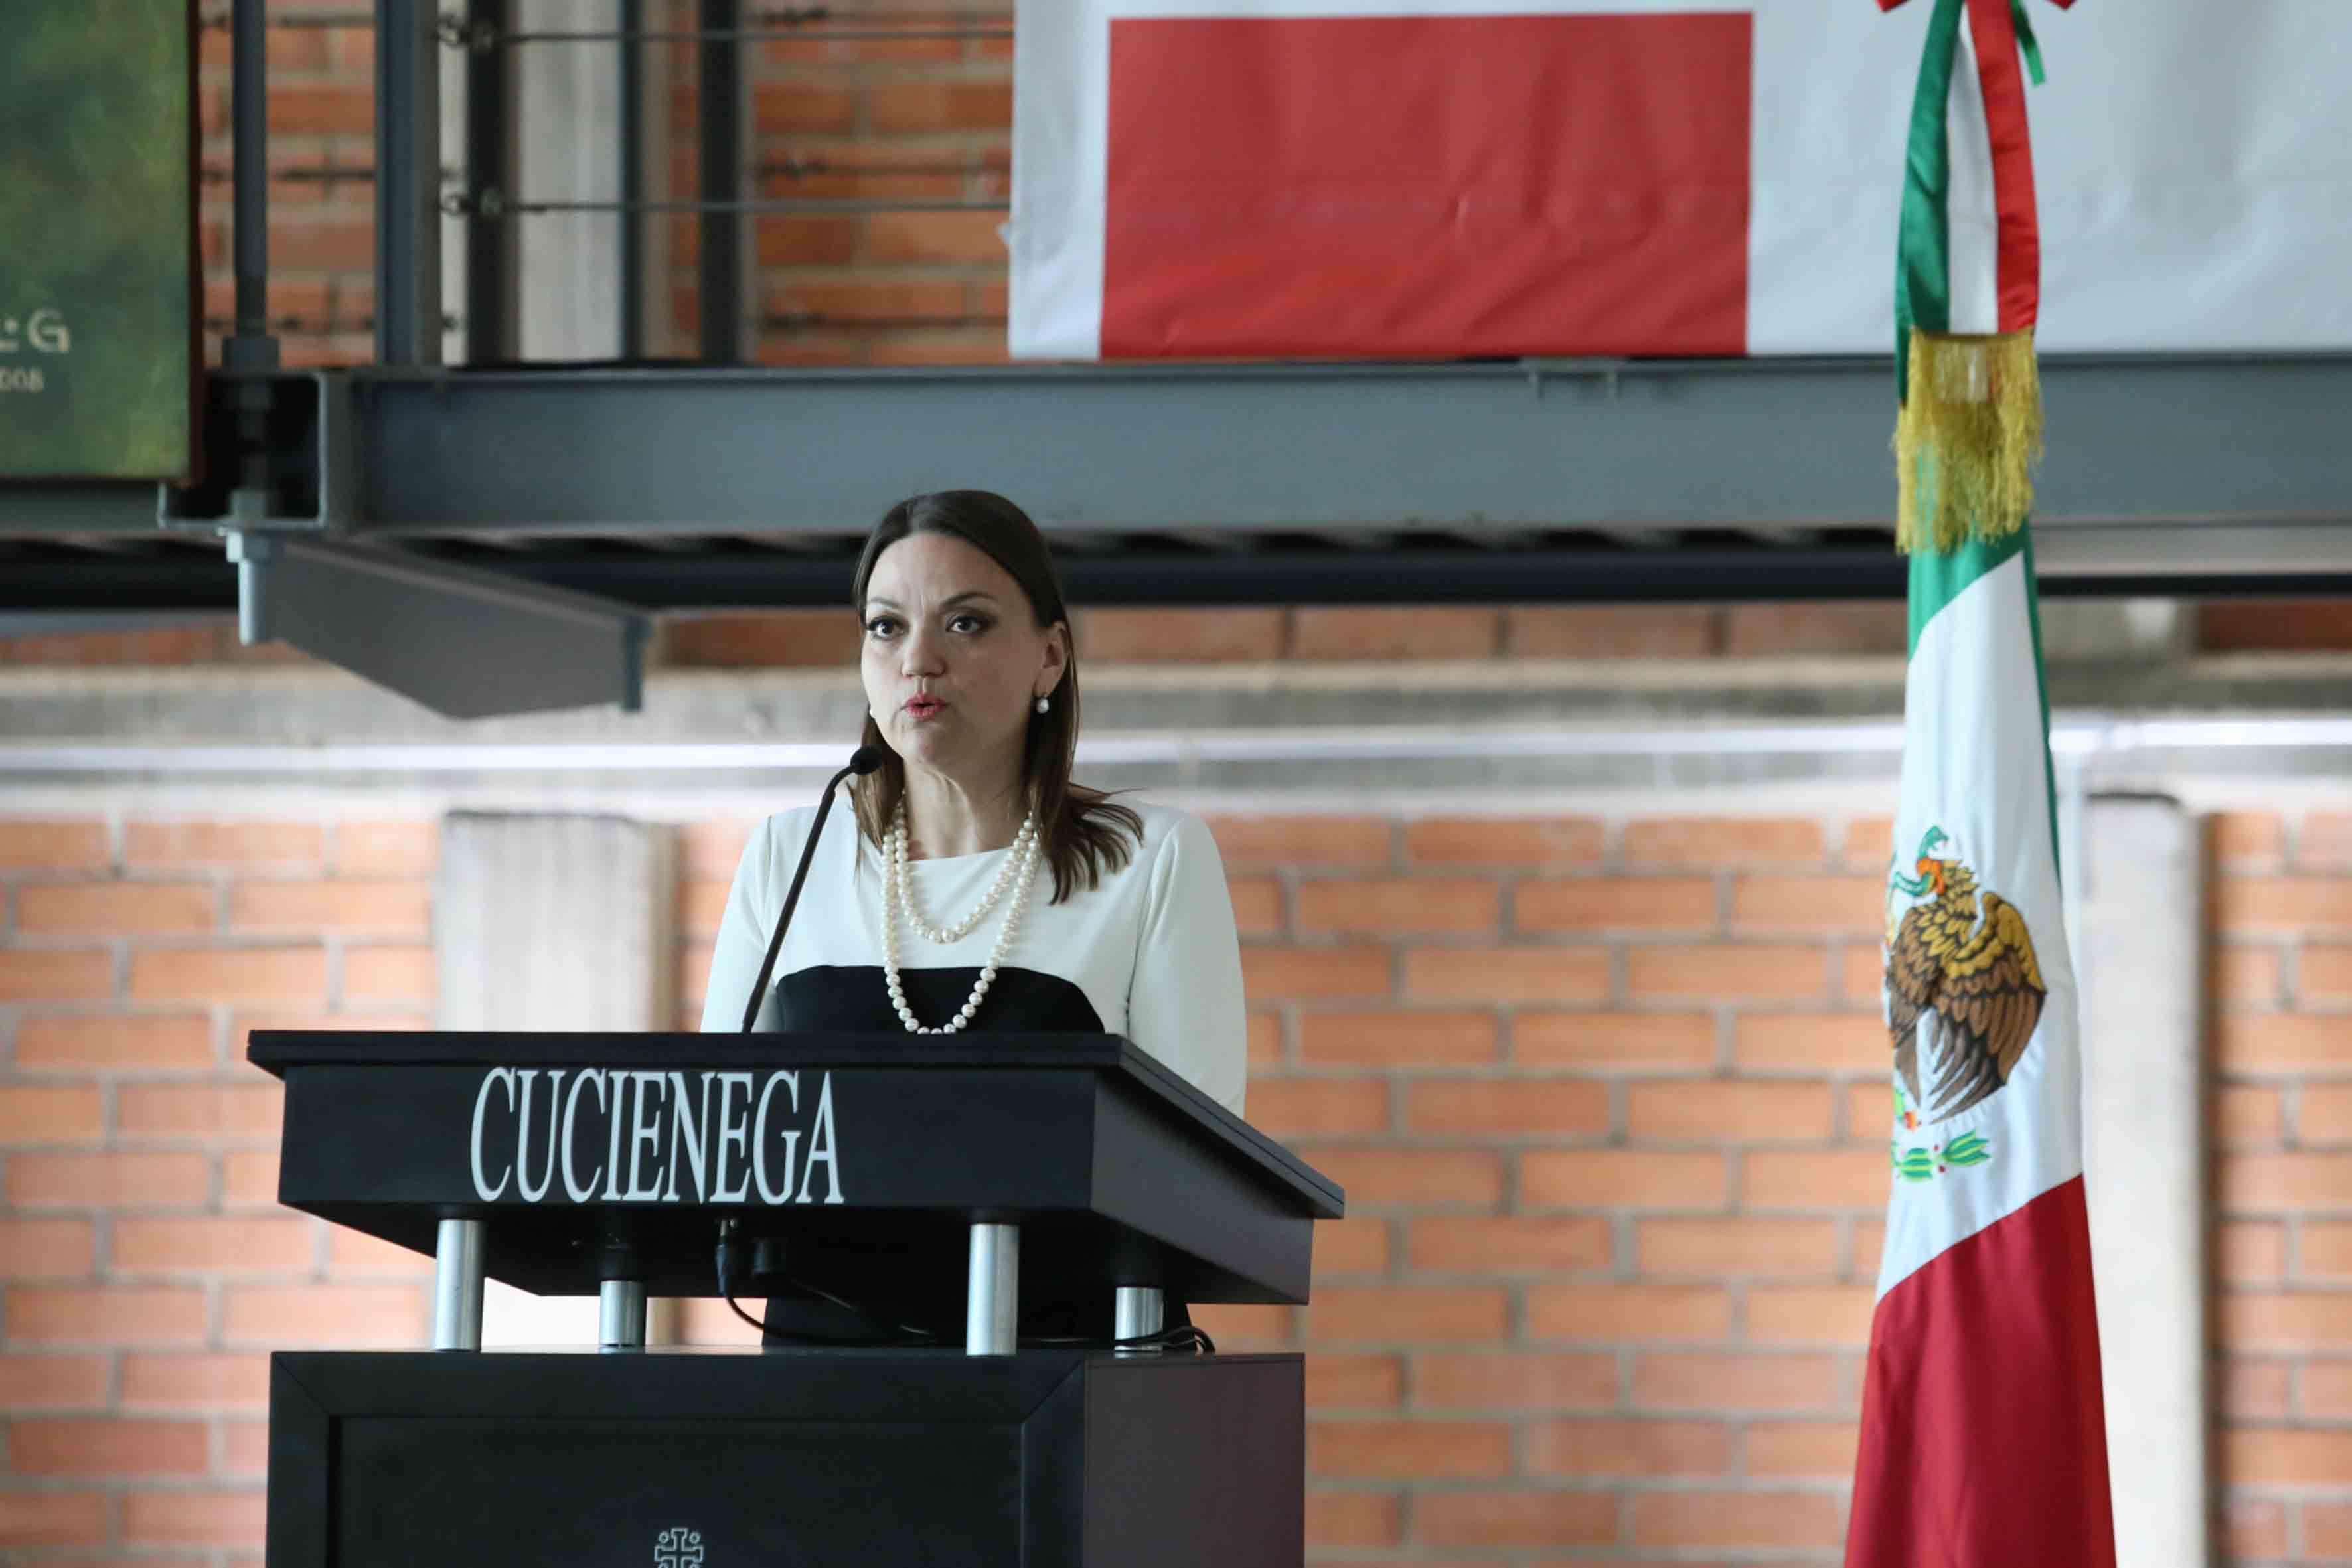 Mtra. María Felícitas Parga Jiménez, Rectora del CUCiénega, en podium rindiendo su informe de actividades.